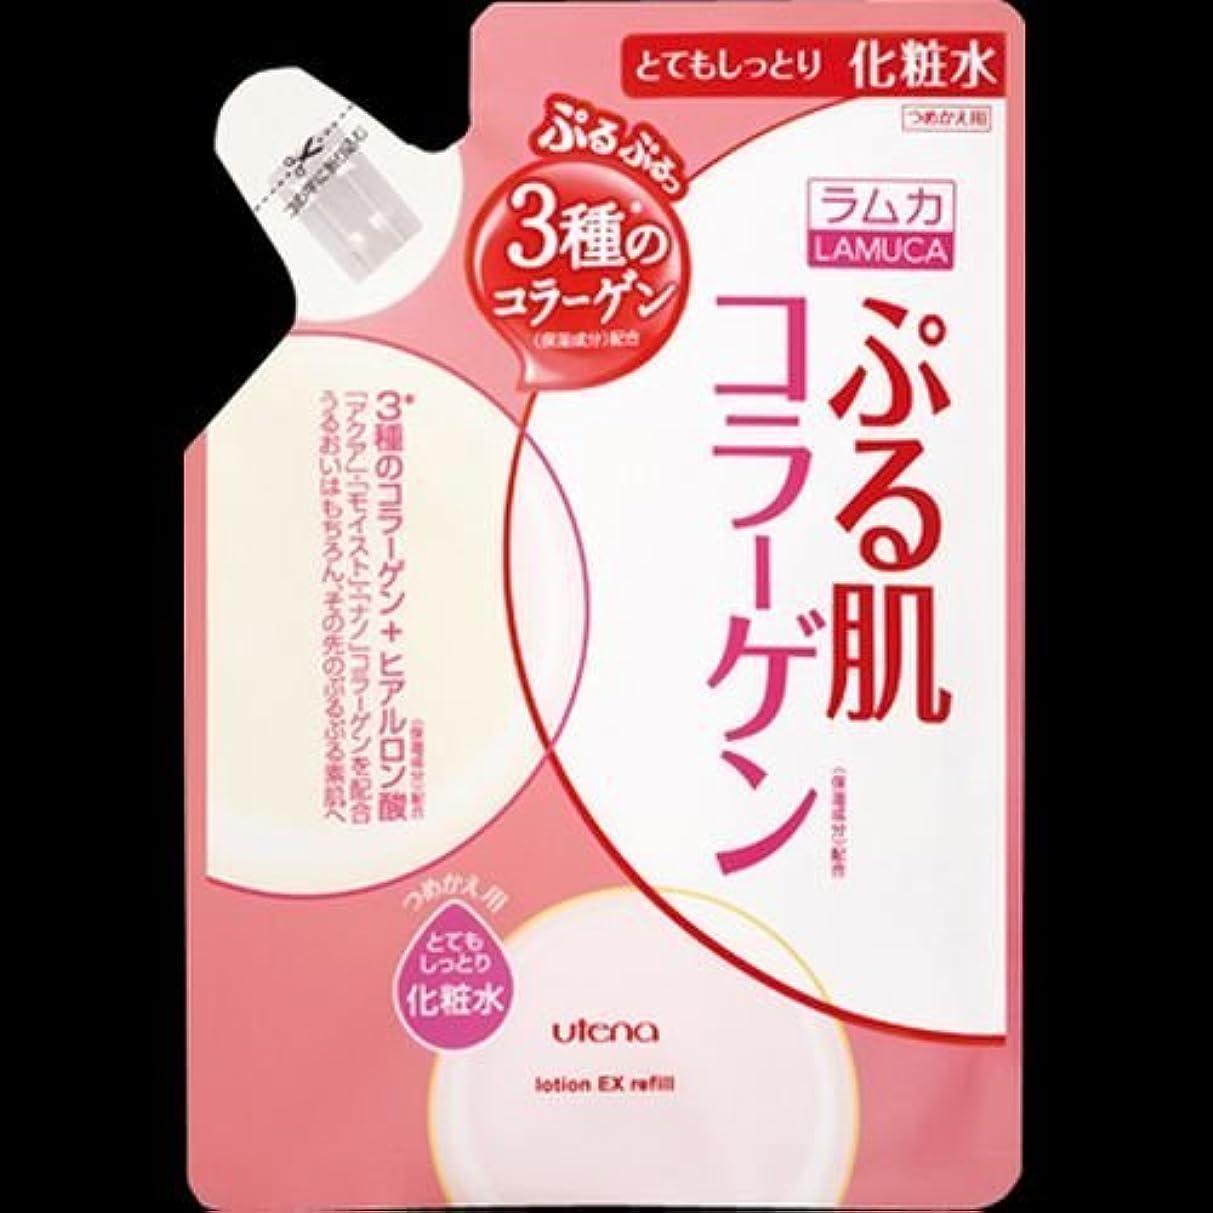 耕す古風な通路【まとめ買い】ラムカぷる肌化粧水とてもしっとり替 ×2セット